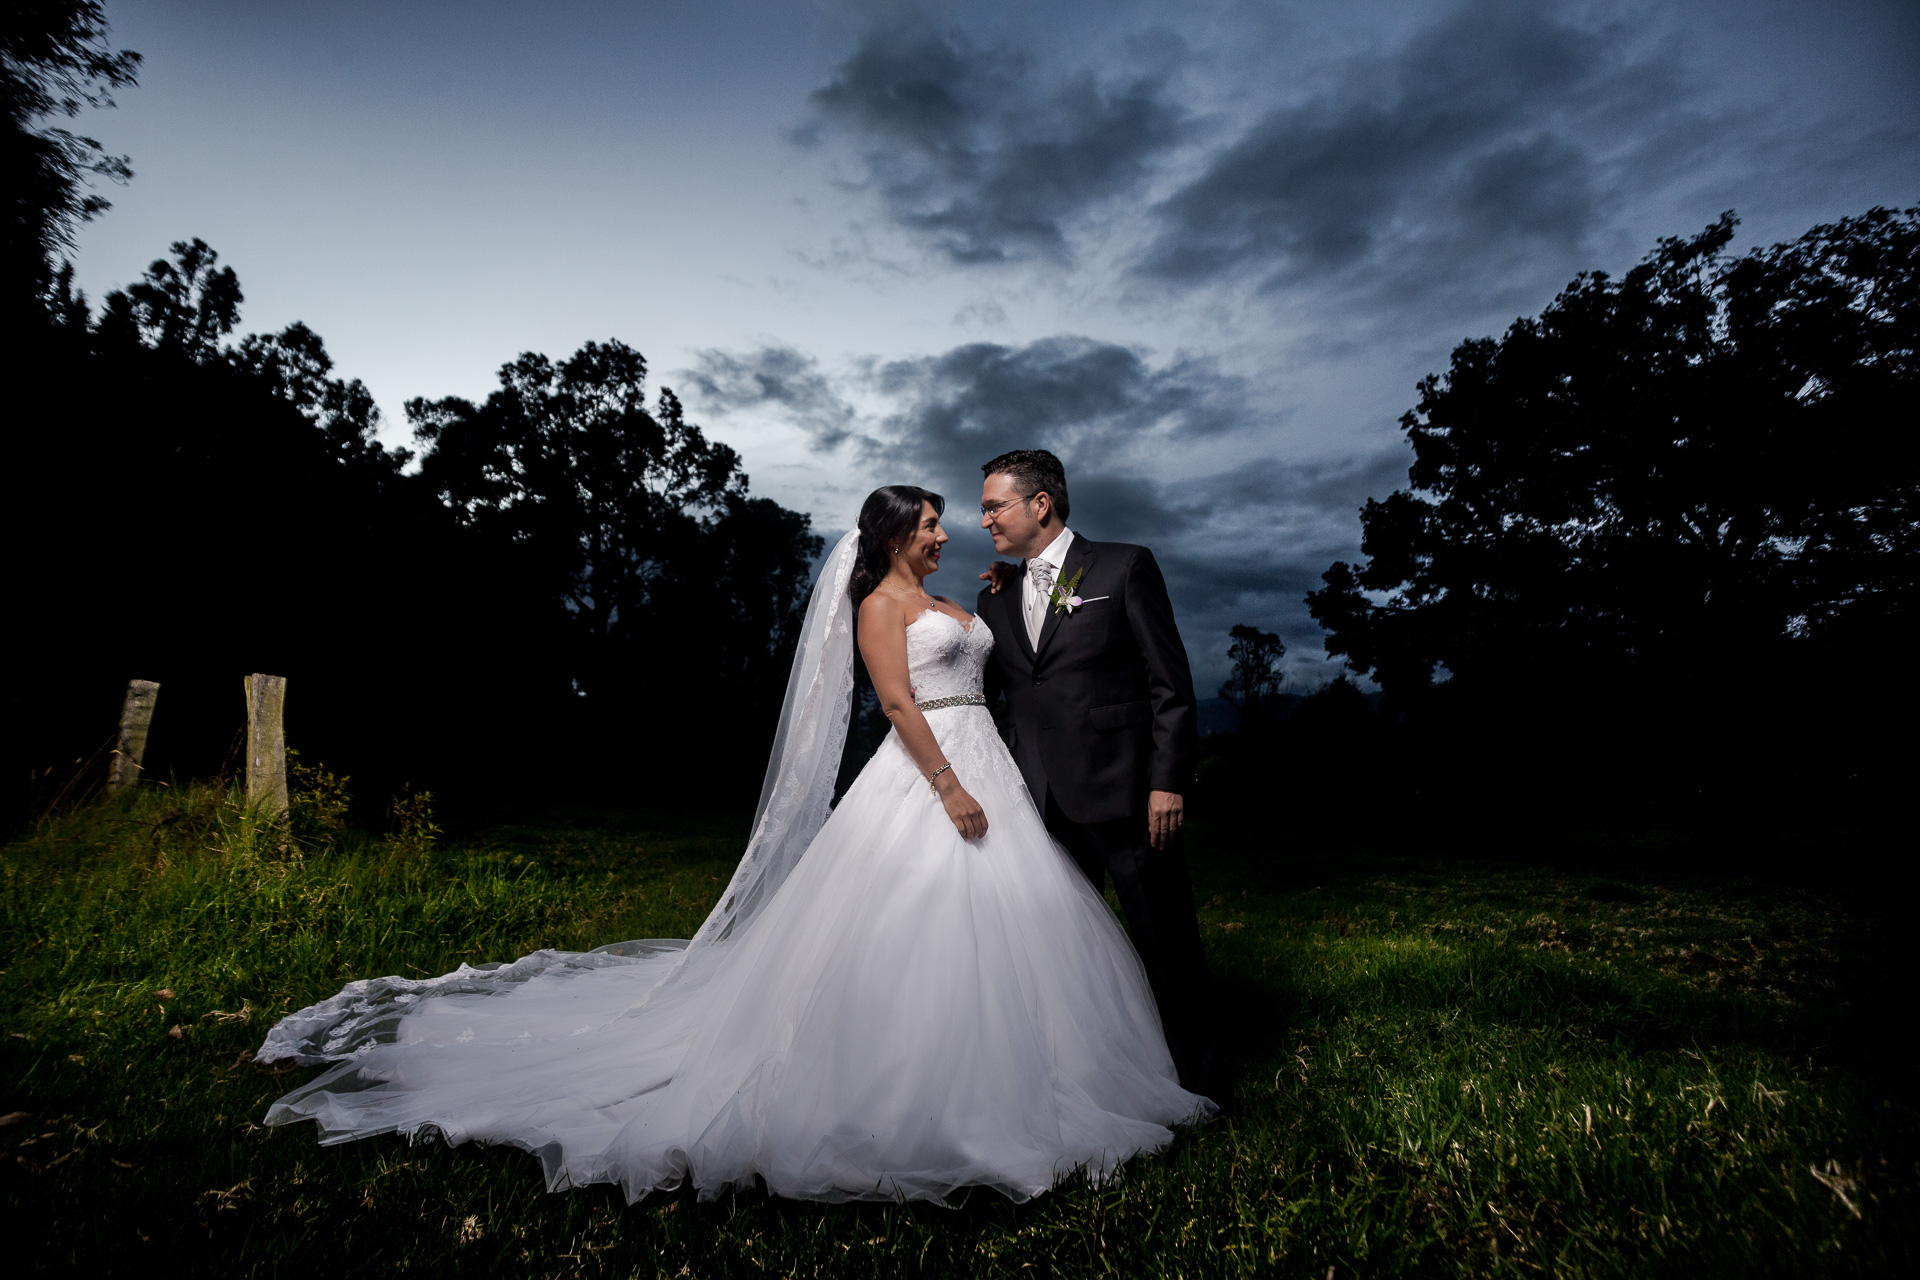 Fotógrafos-de-bodas-en-Colombia-Angela-y-Antonio-50 ANGELA Y ANTONIO